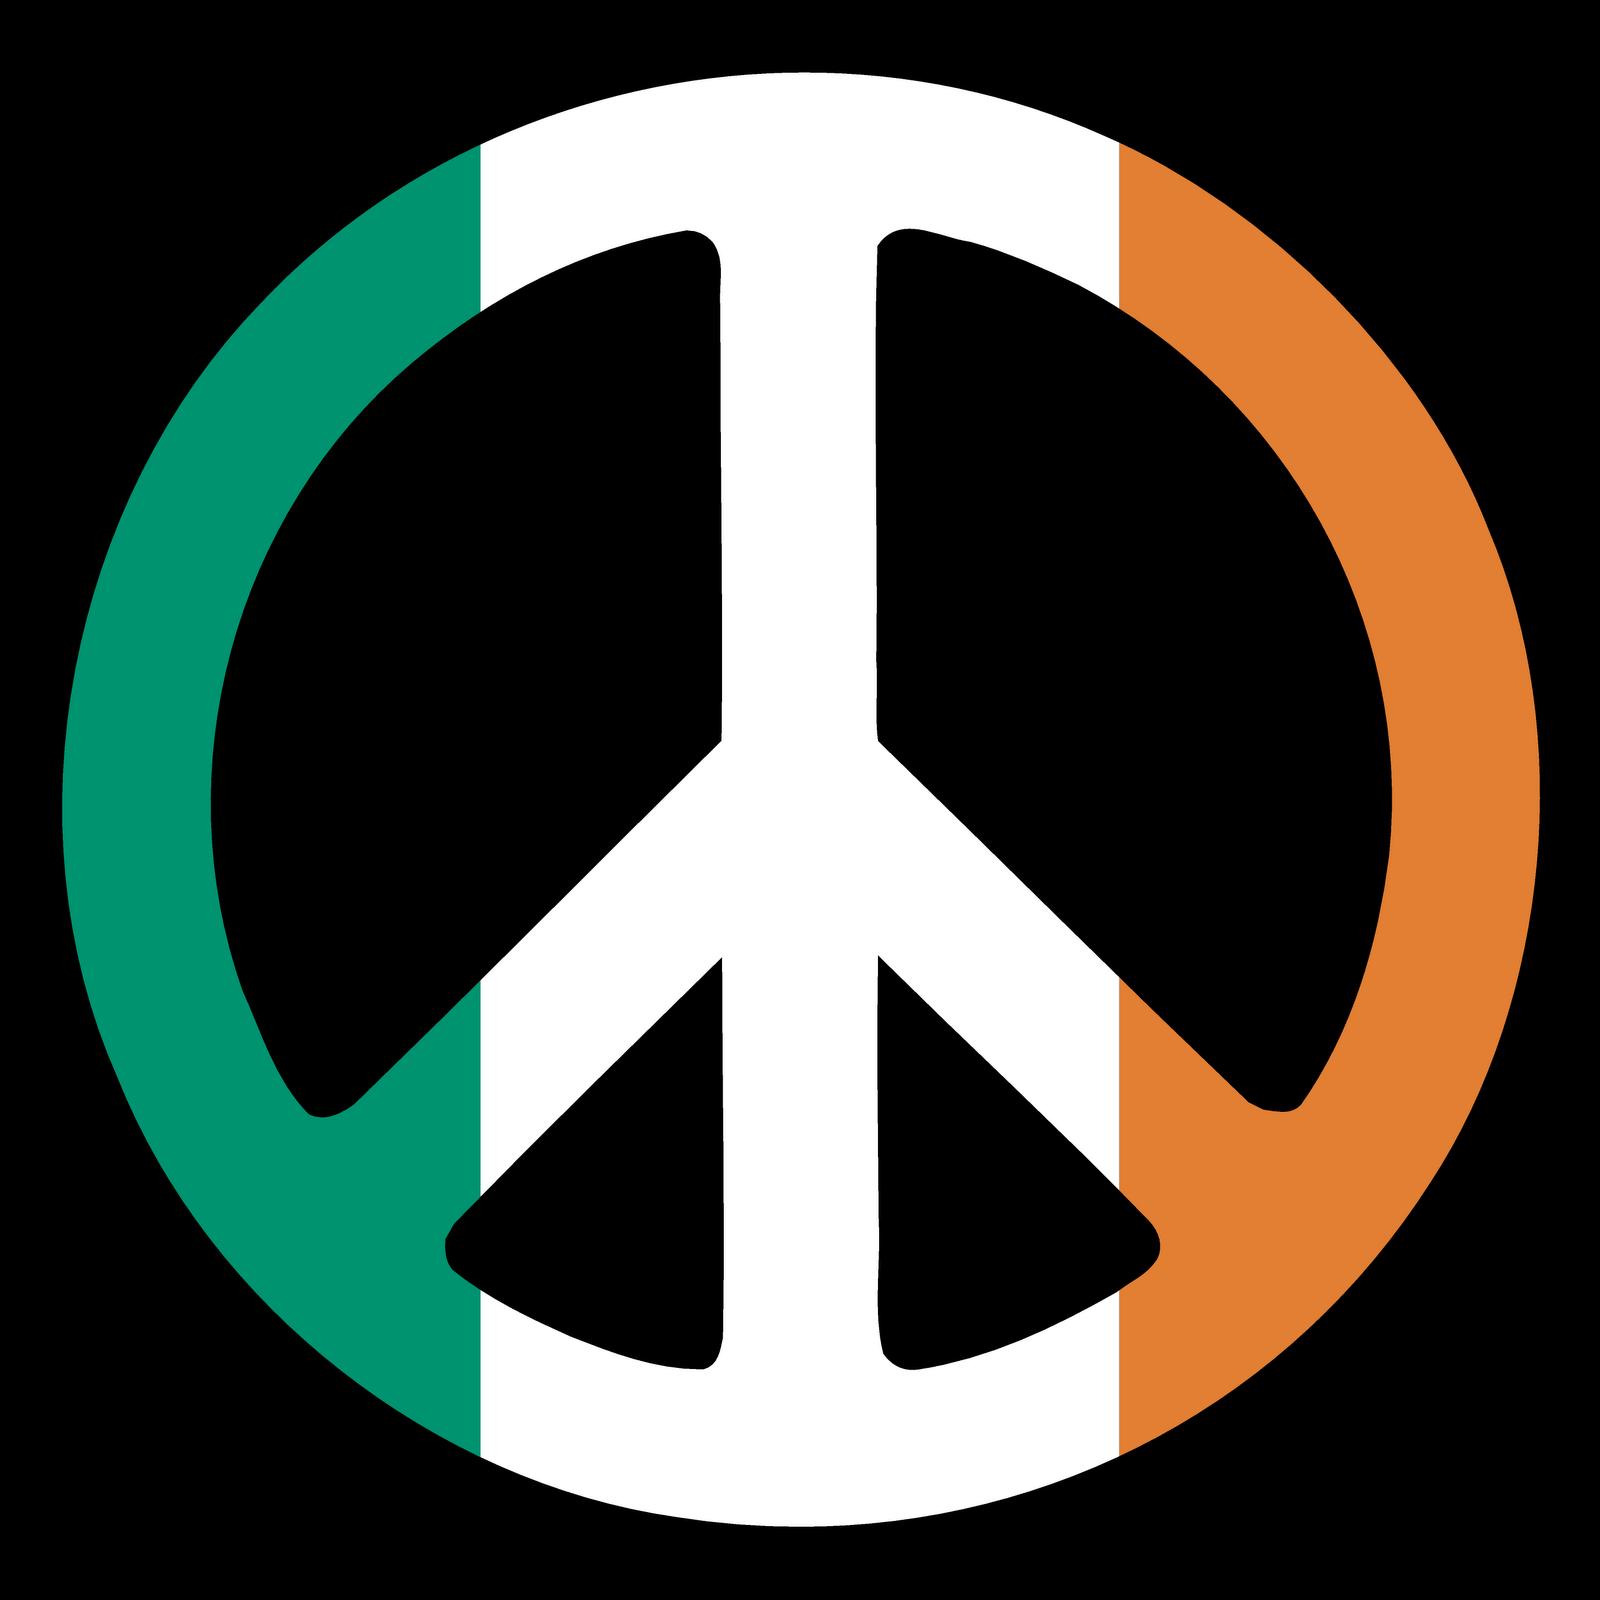 Peace clipart peaceful place, Peace peaceful place.